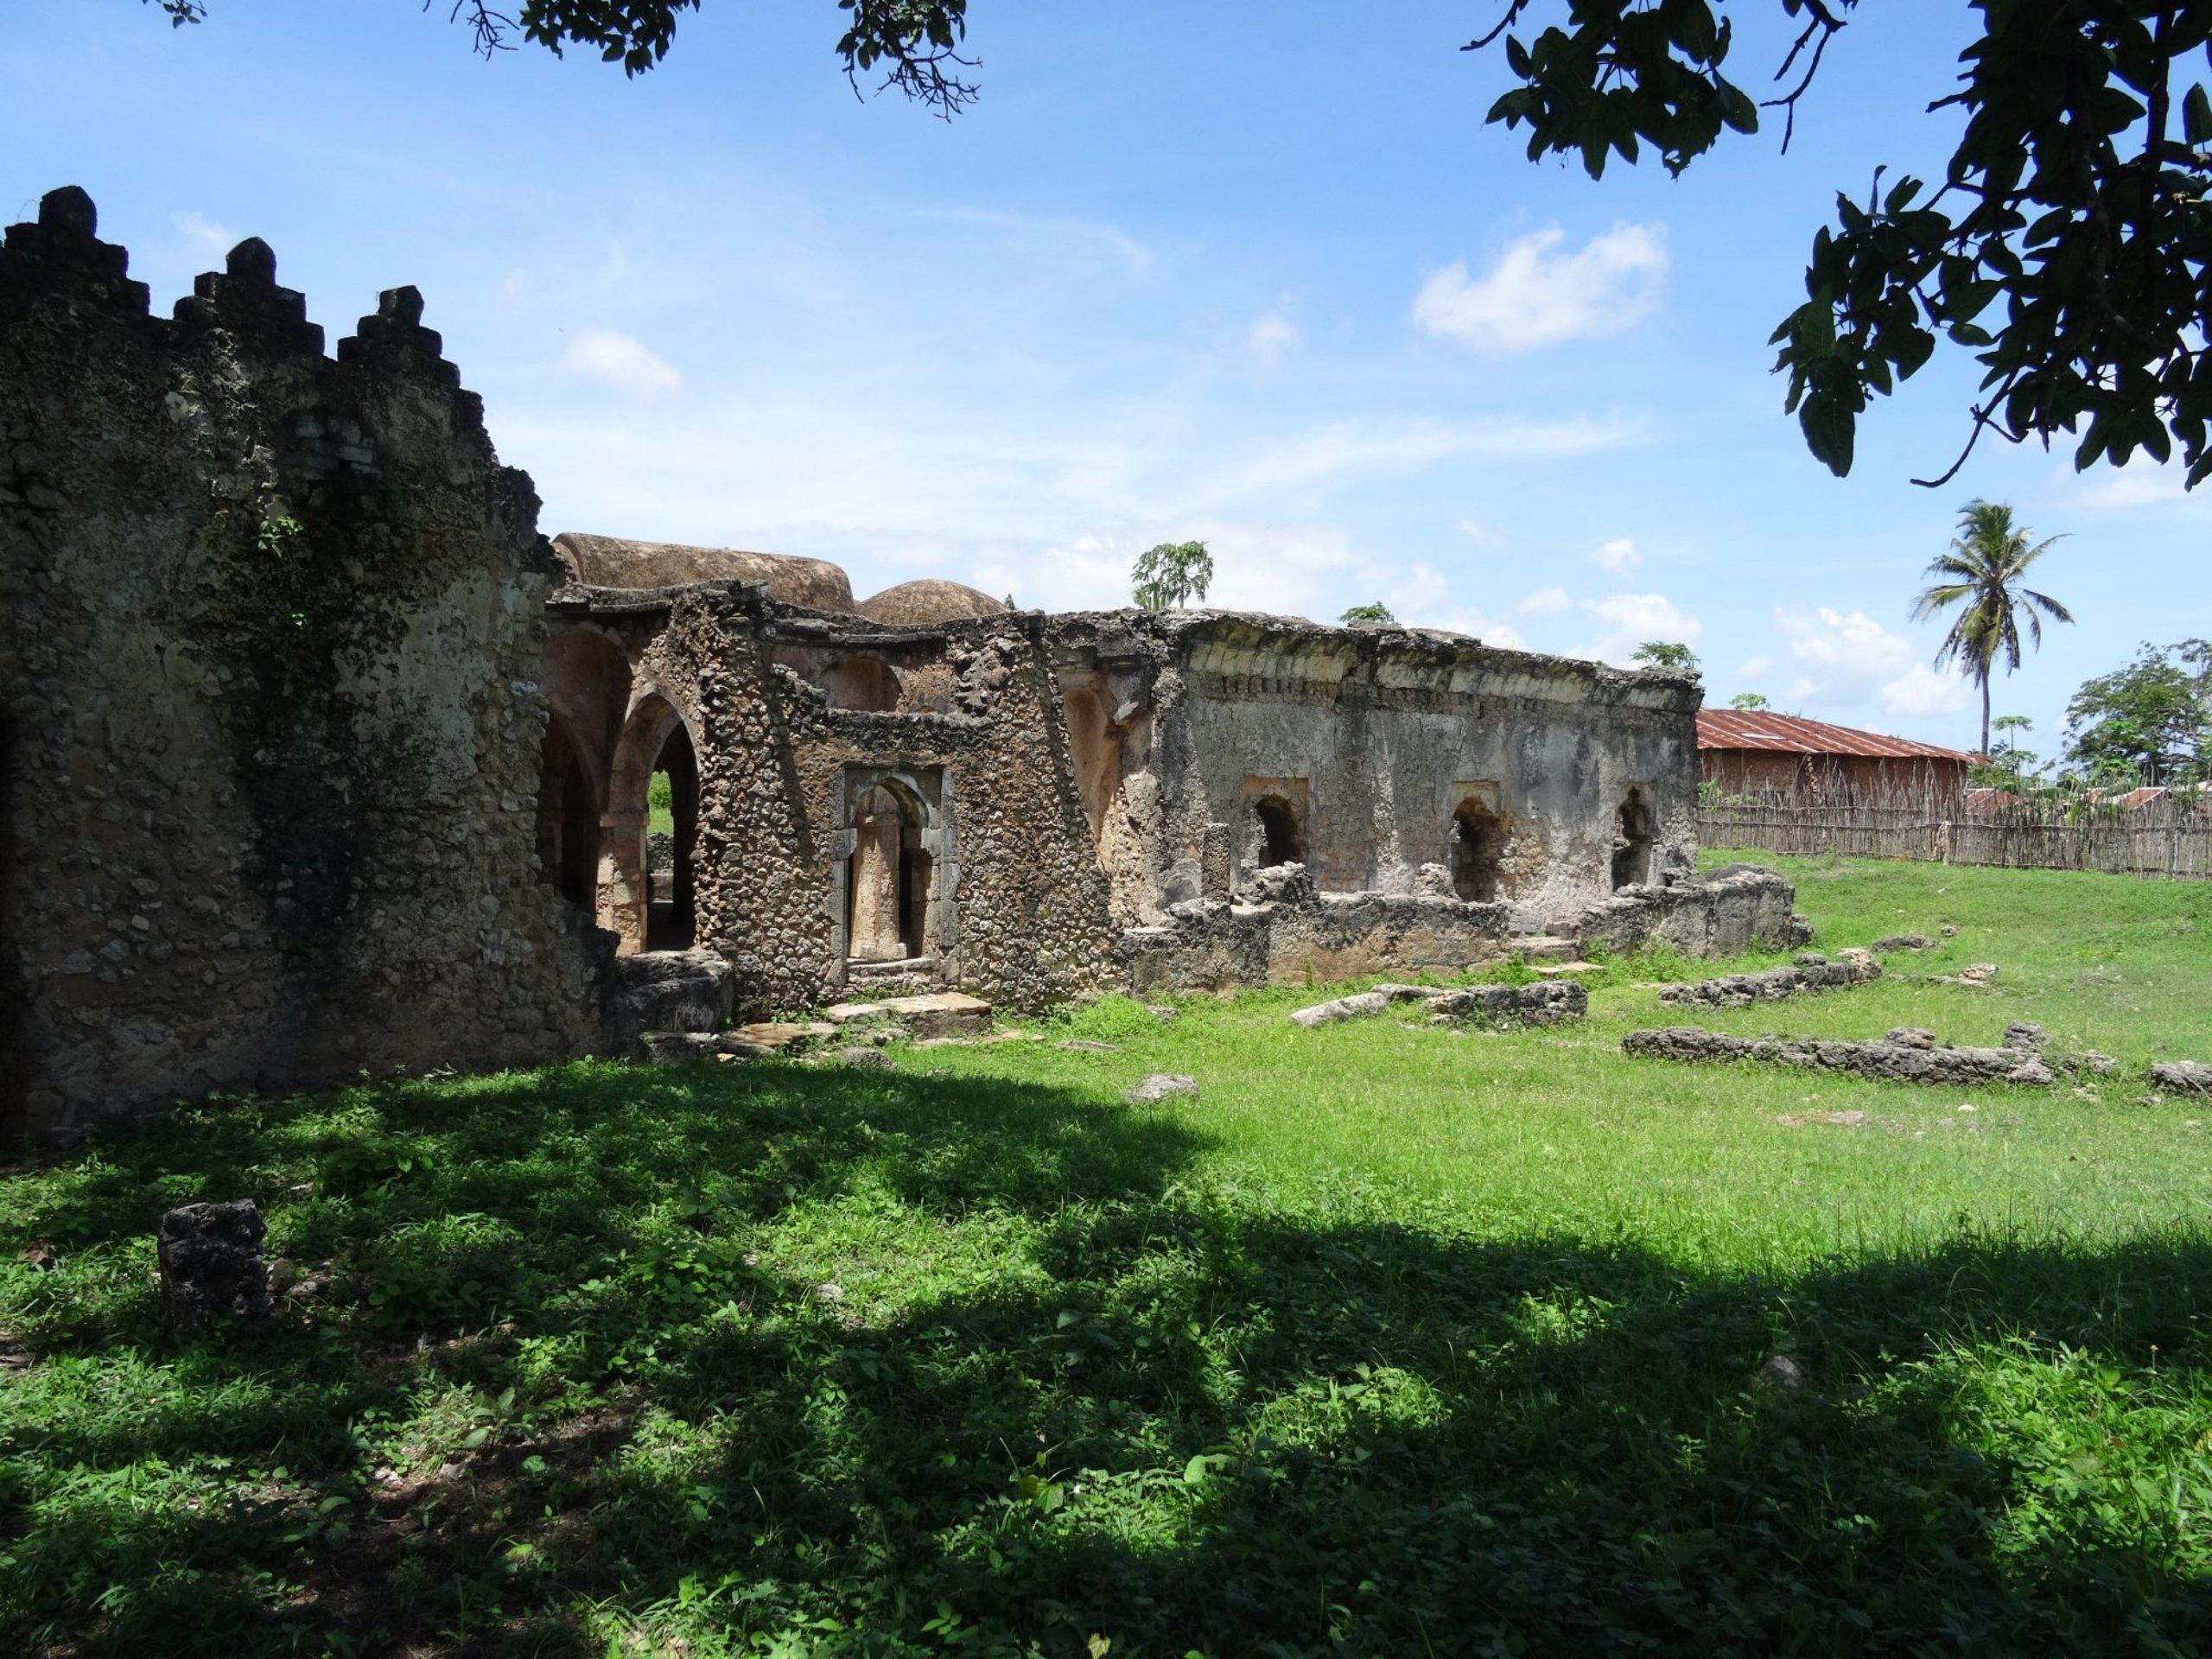 Kilwa Kisiwani World Heritage Site Kilwa Kisiwani Island   2020 2560x1920